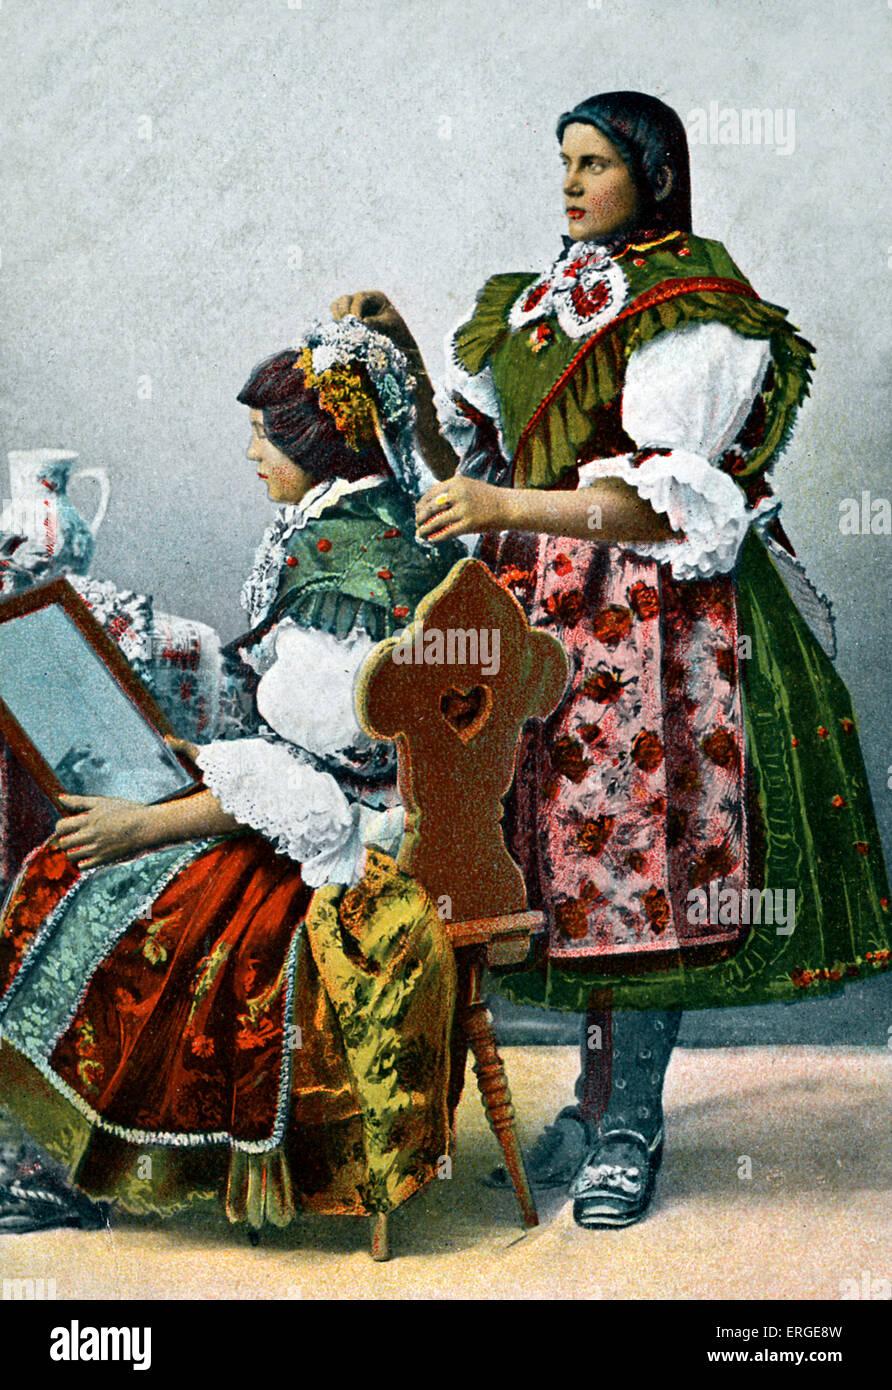 Folk costumes in Barany, Hungary. Caption: 'Romanyai viselet' ('Romany wear'). - Stock Image